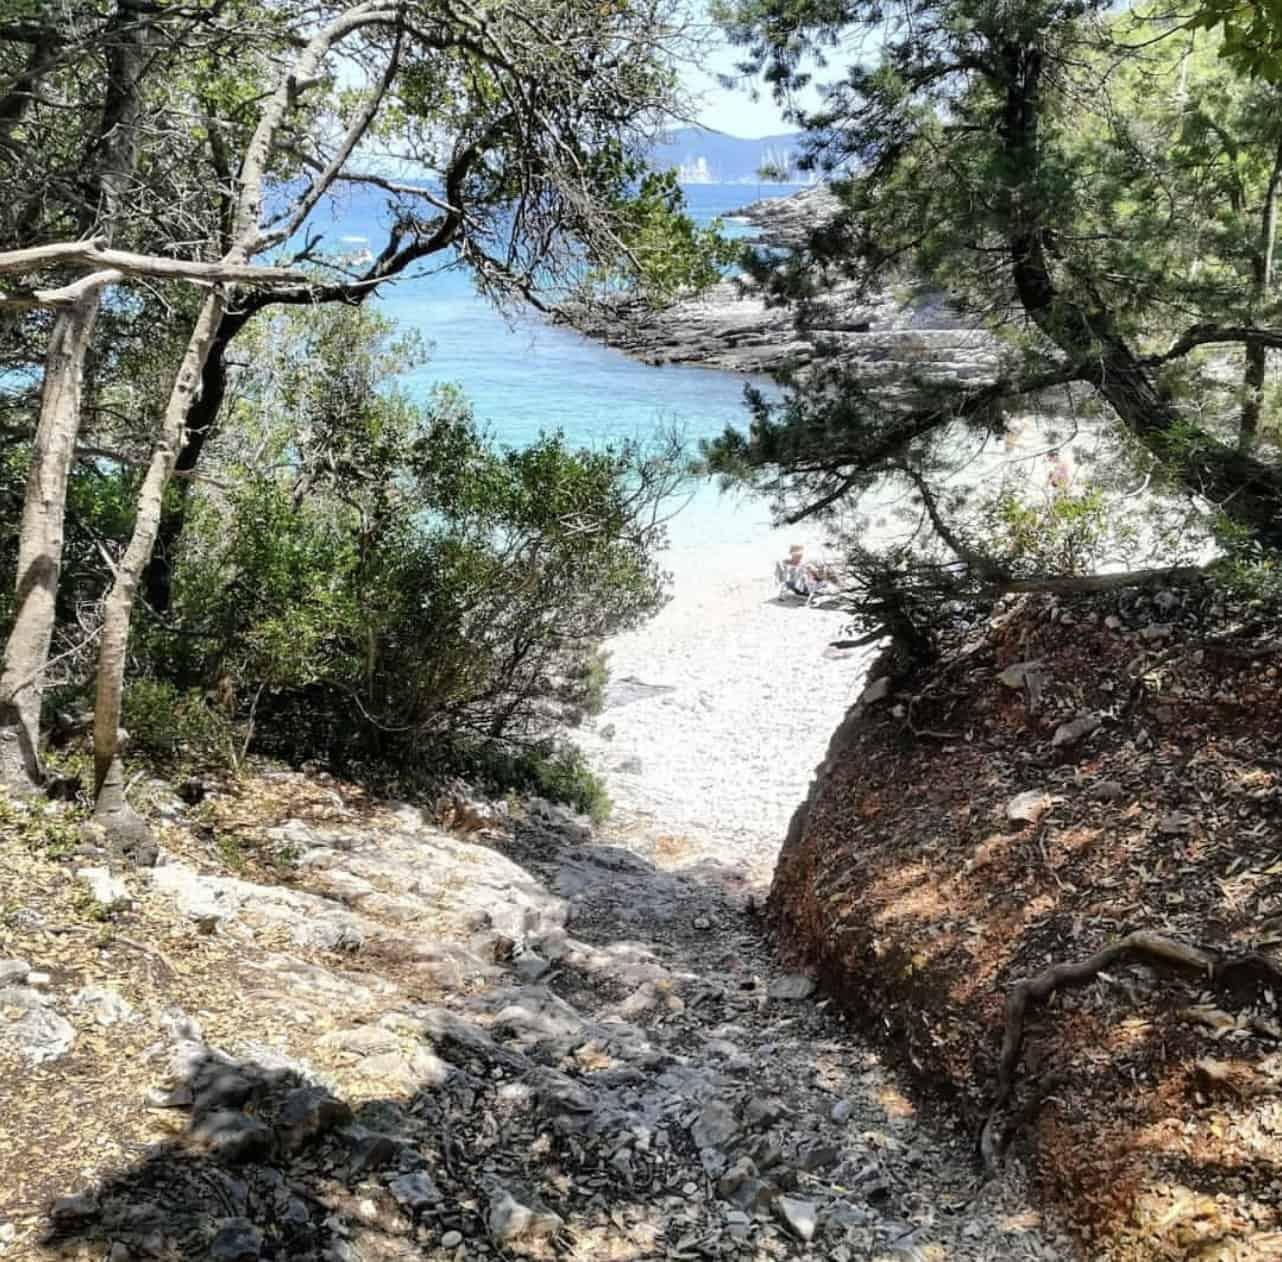 Camelia e Daphnudi a Cefalonia fanno parte della lista delle 10 migliori spiagge appartate d'Europa 6